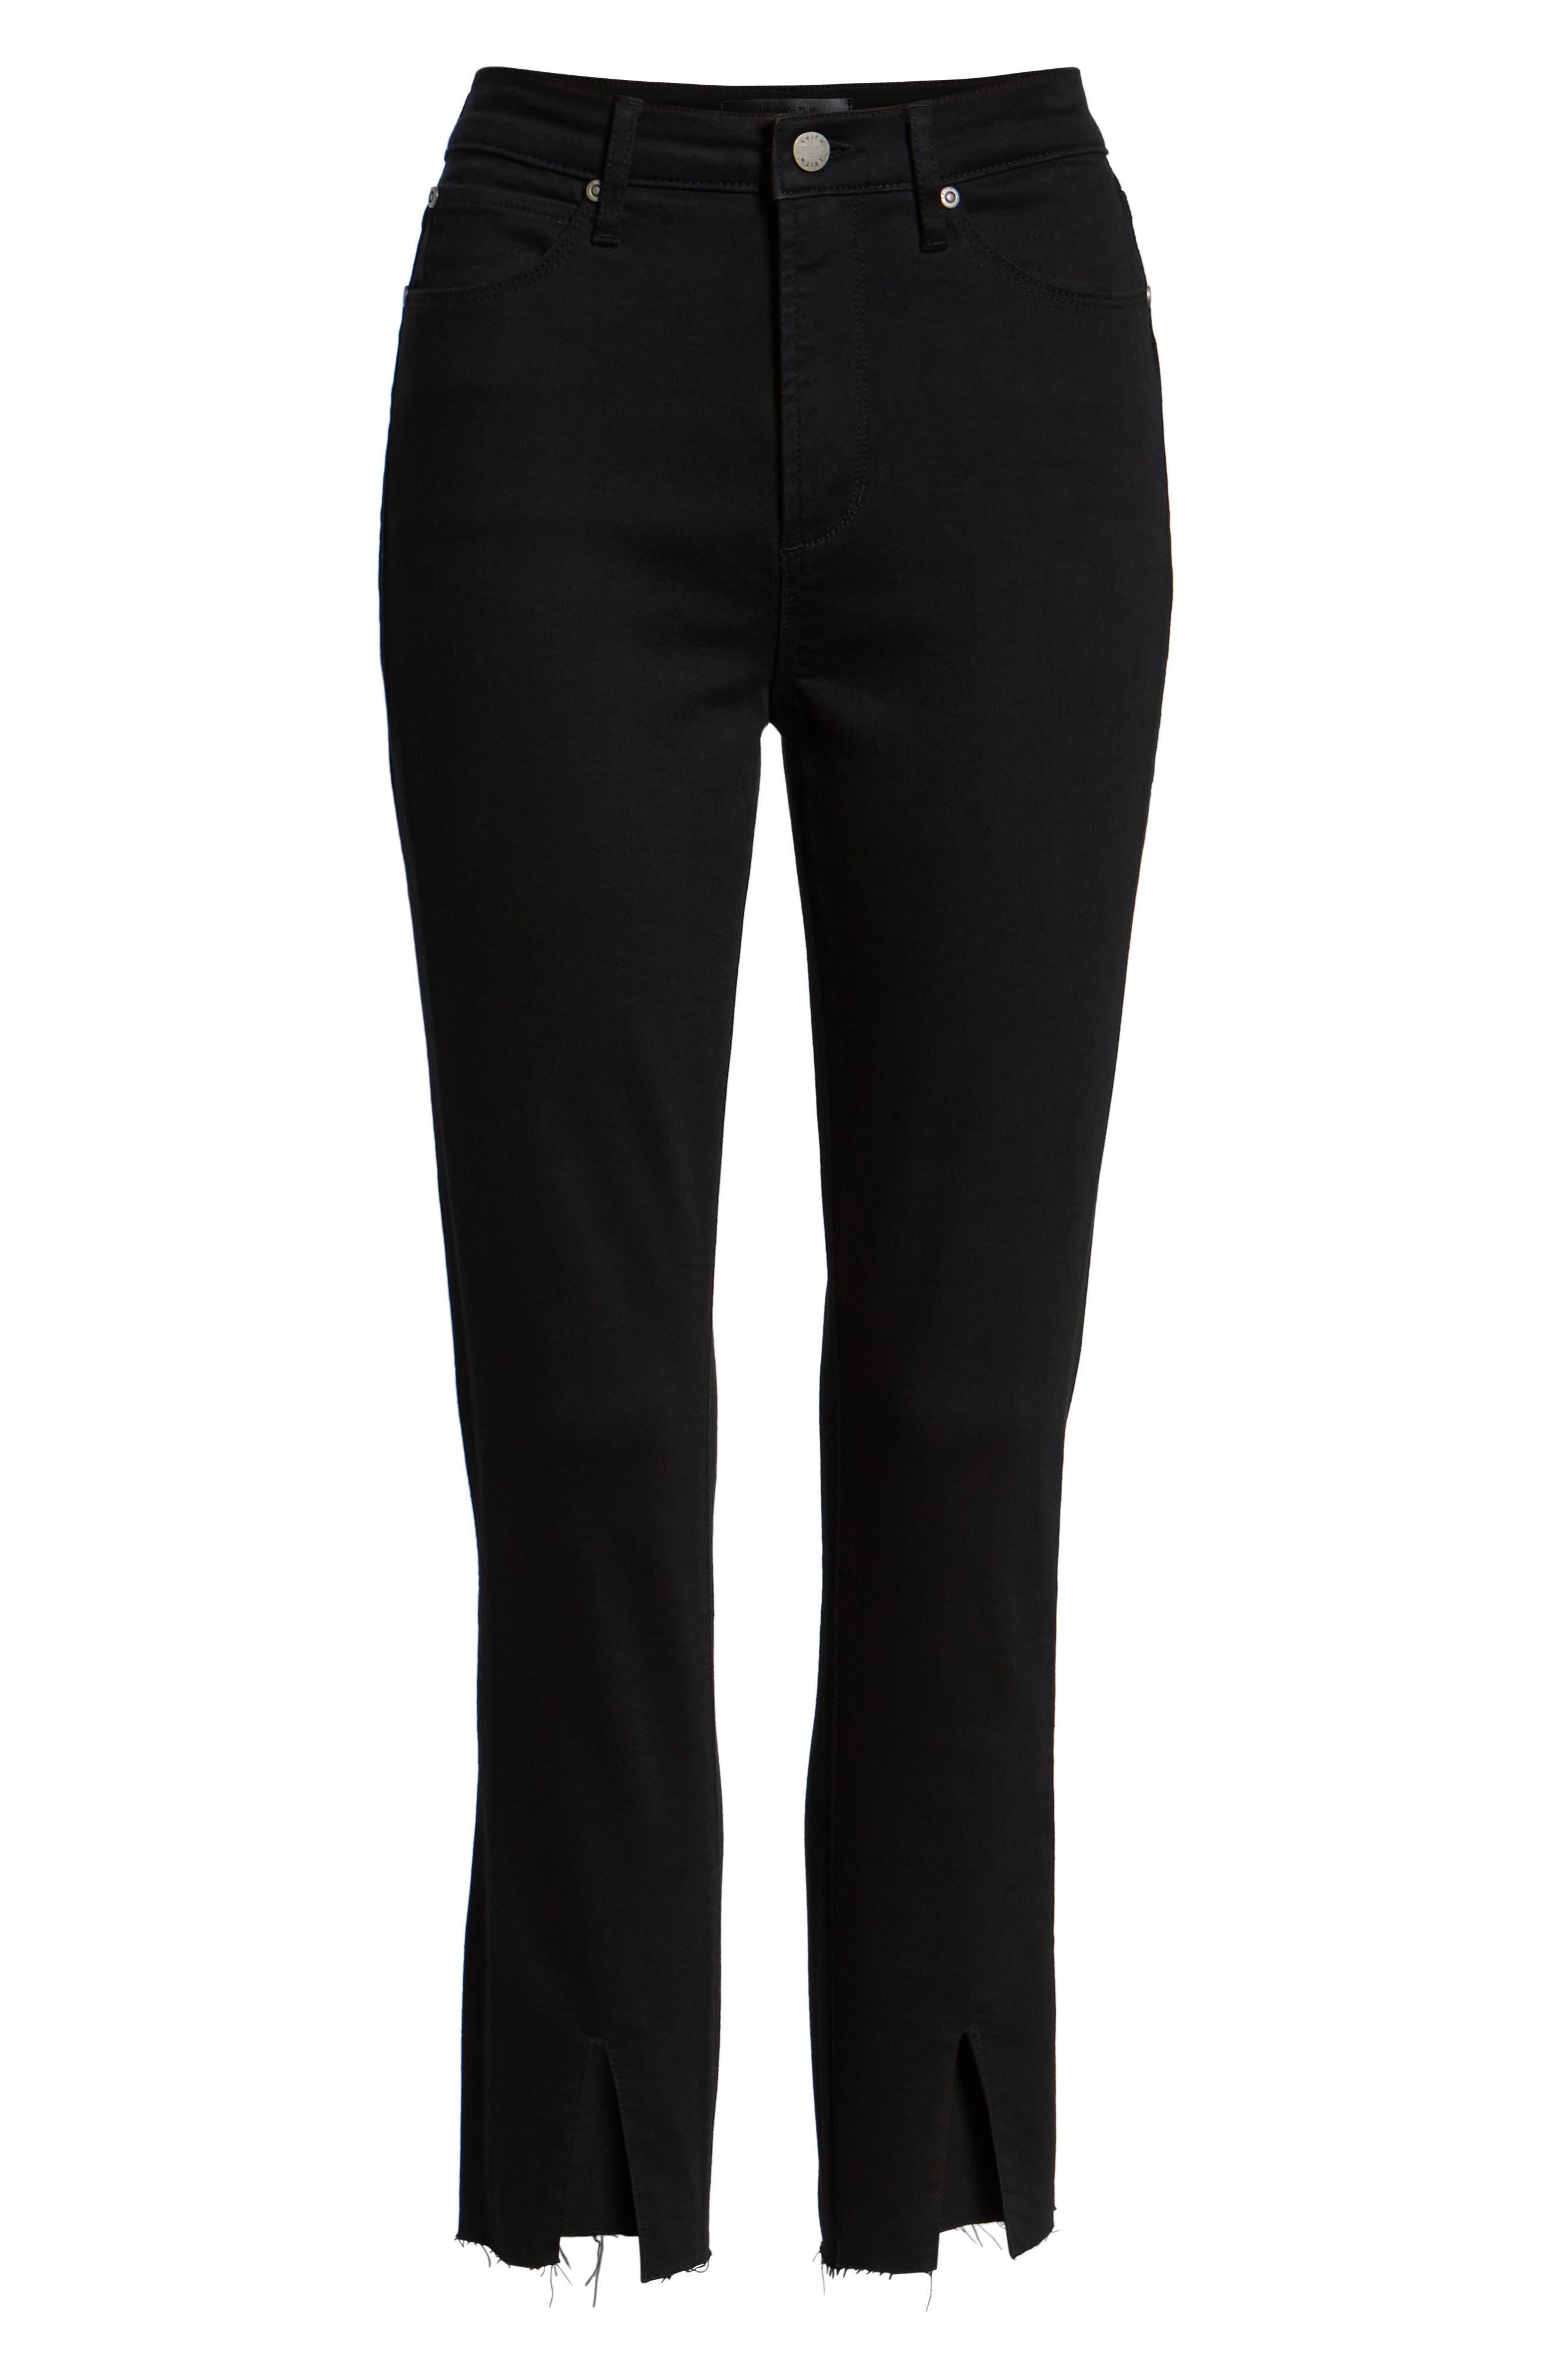 LEITH,                             High Waist Split Hem Skinny Jeans,                             Alternate thumbnail 7, color,                             001